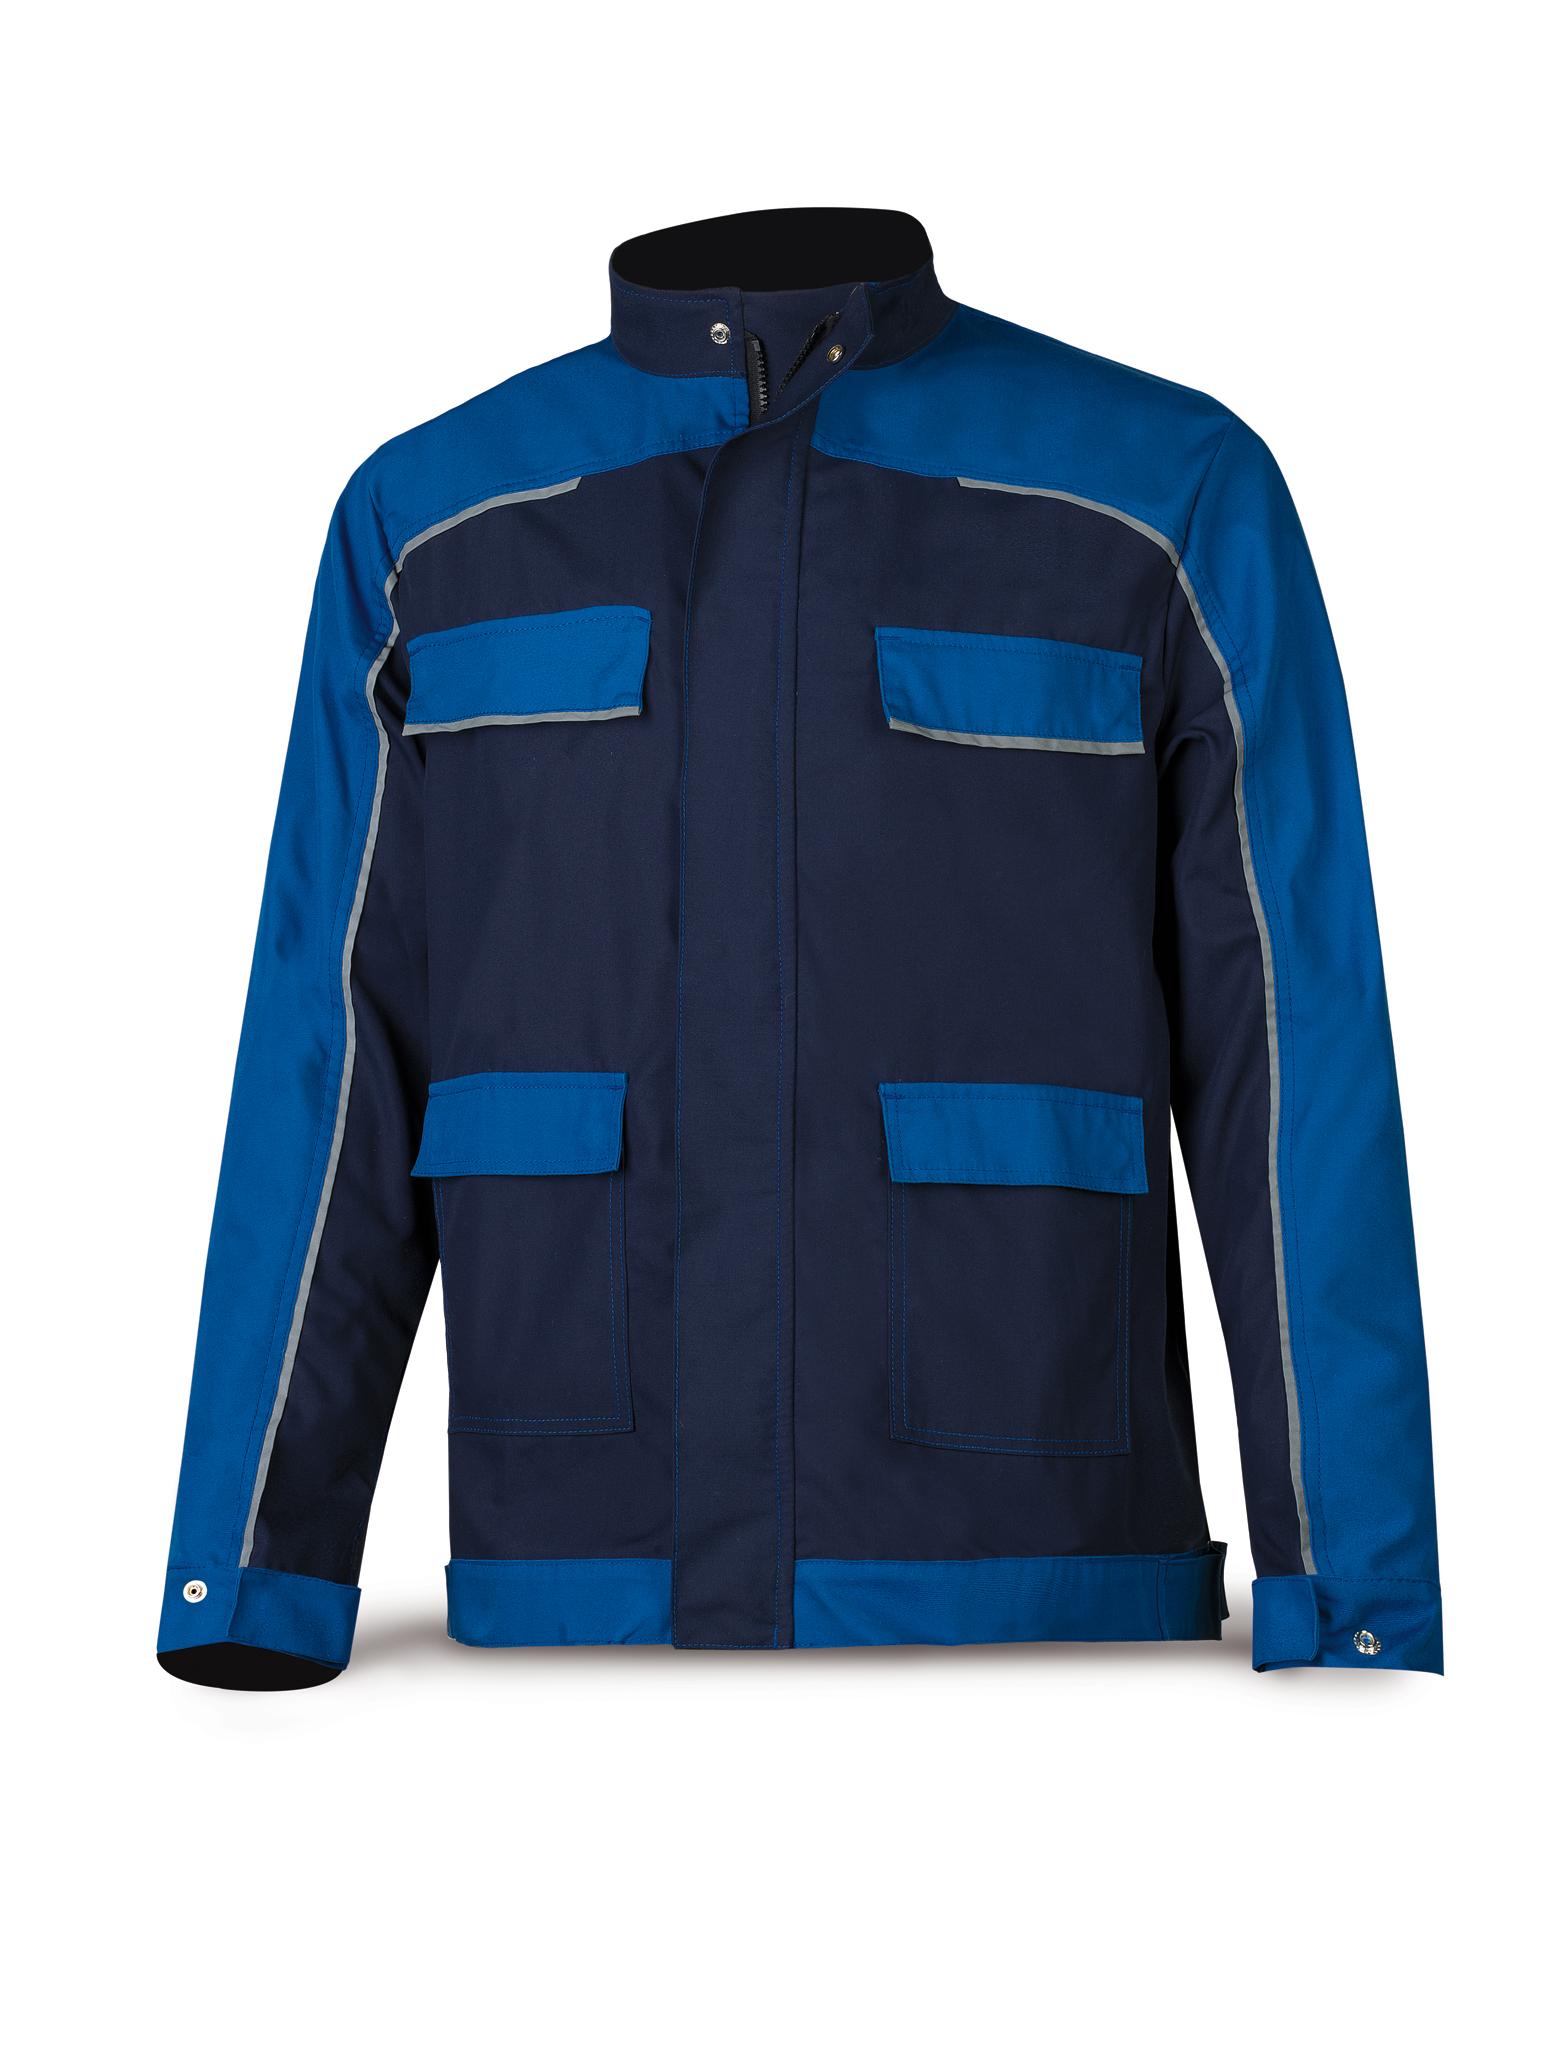 bb80b672dac | Productos | Vestuario Laboral | Pro Series | Ref. 588-CAZA | Marca  Protección Laboral